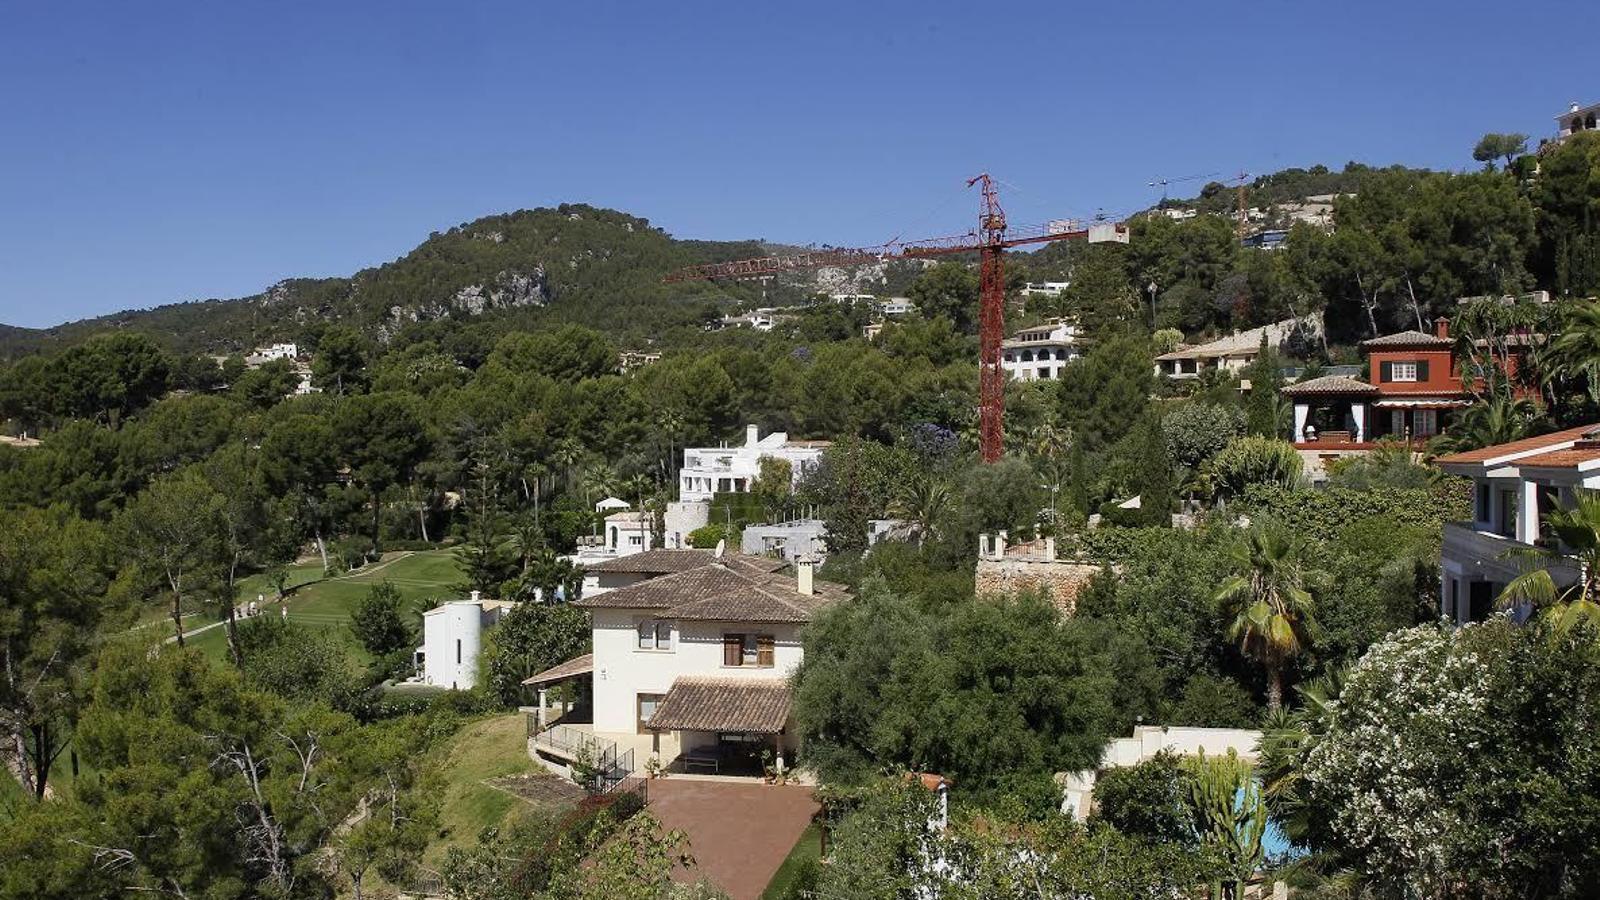 La luxosa urbanització de Son Vida, a Palma, no disposa de xarxa de clavegueram